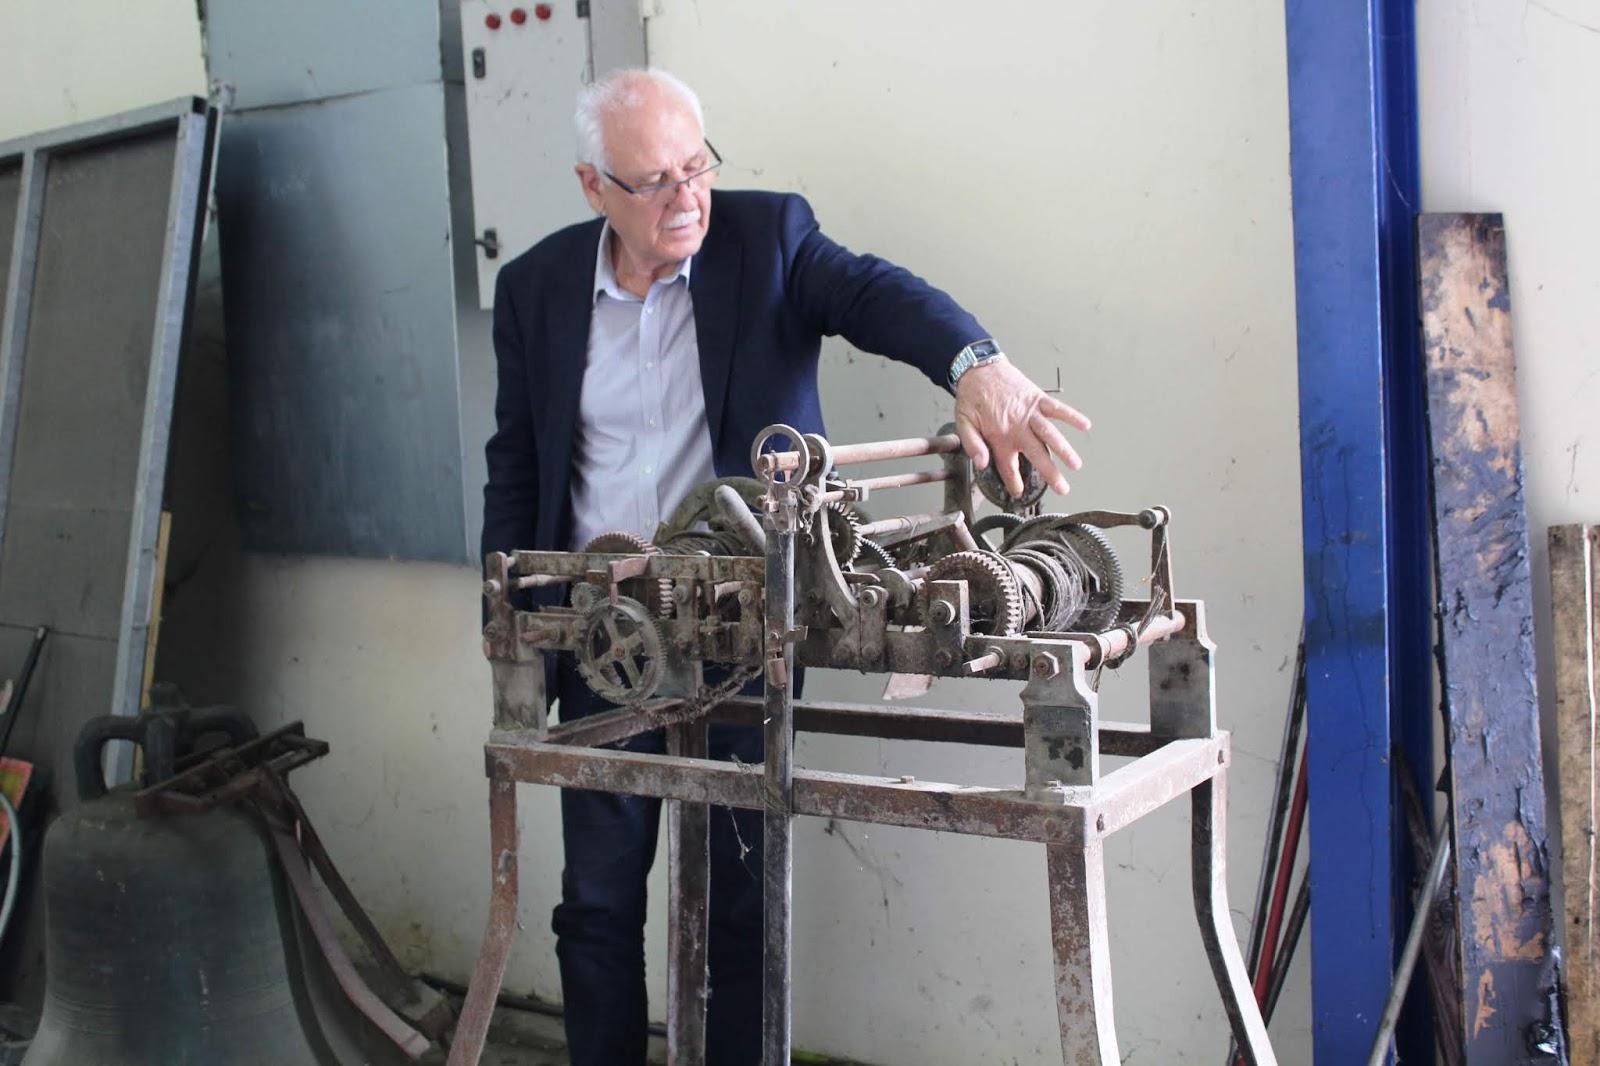 Αίσθηση προκάλεσε η είδηση για επανακατασκευή του ρολογιού της πόλης της Λάρισας